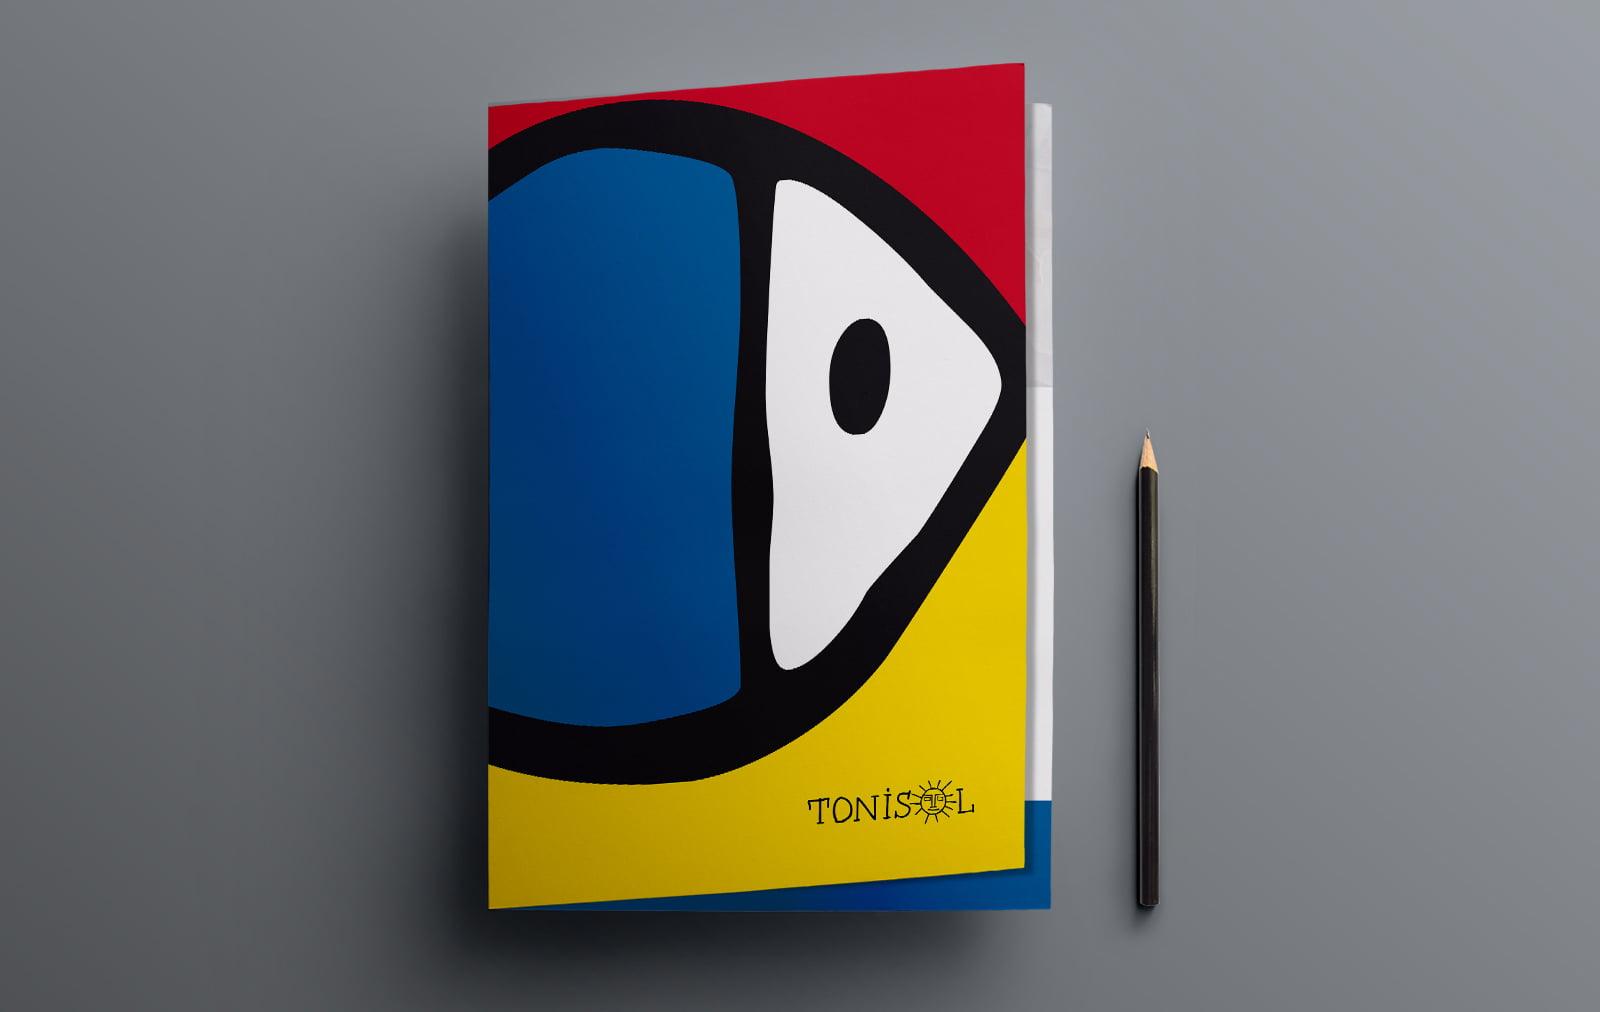 Cliente: TONISOL. Identidad